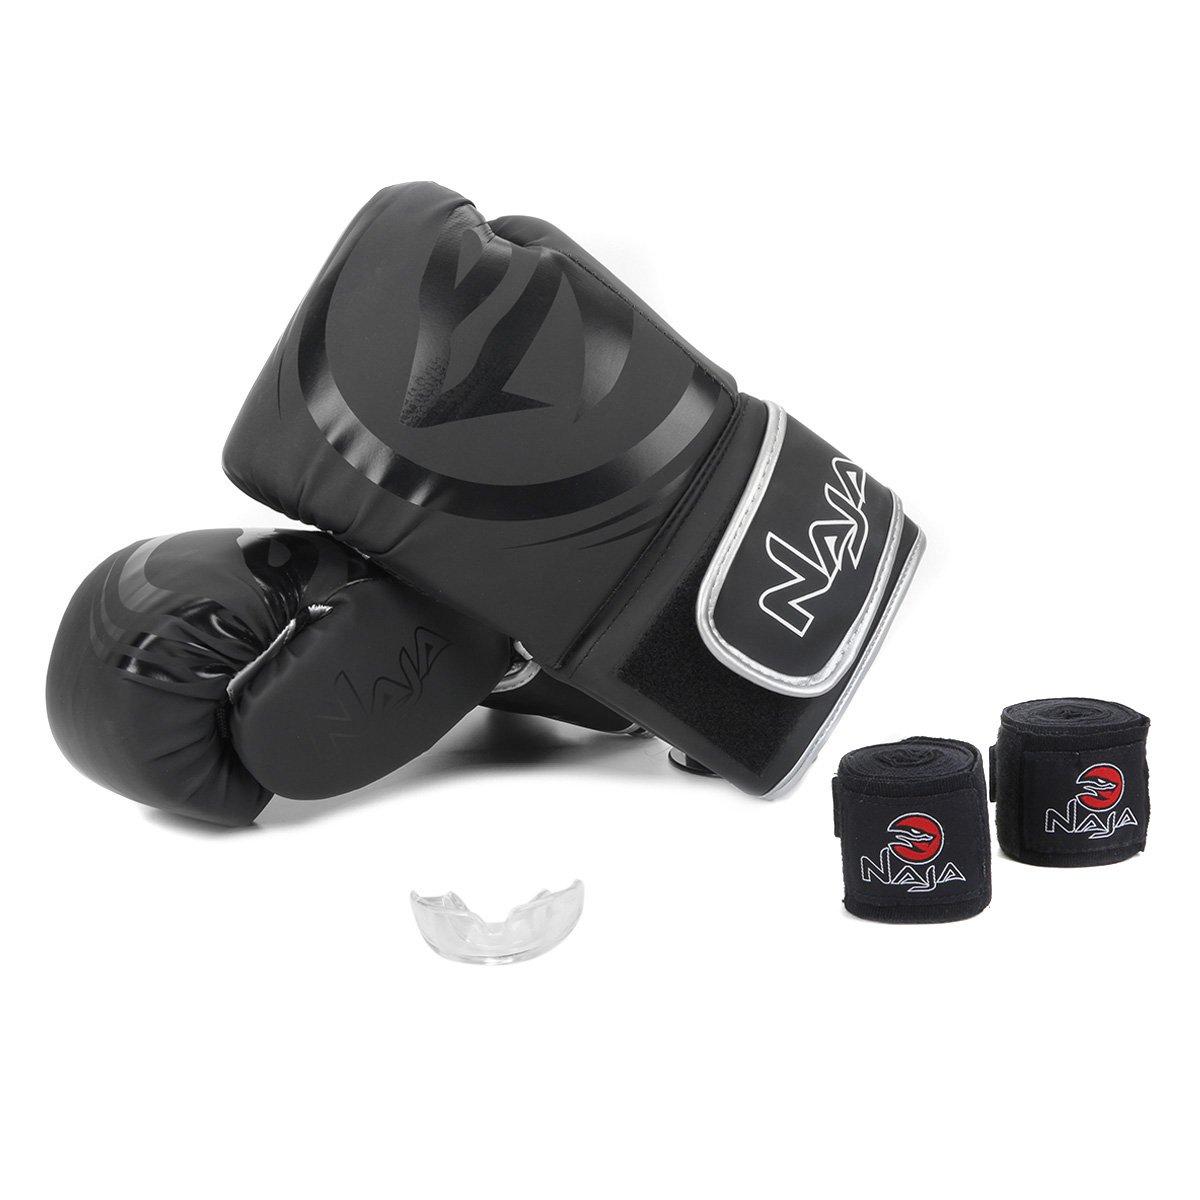 Kit Luva de Boxe/ Muay Thai Naja Black 14 Oz + Bandagem + Protetor Bucal + Bag